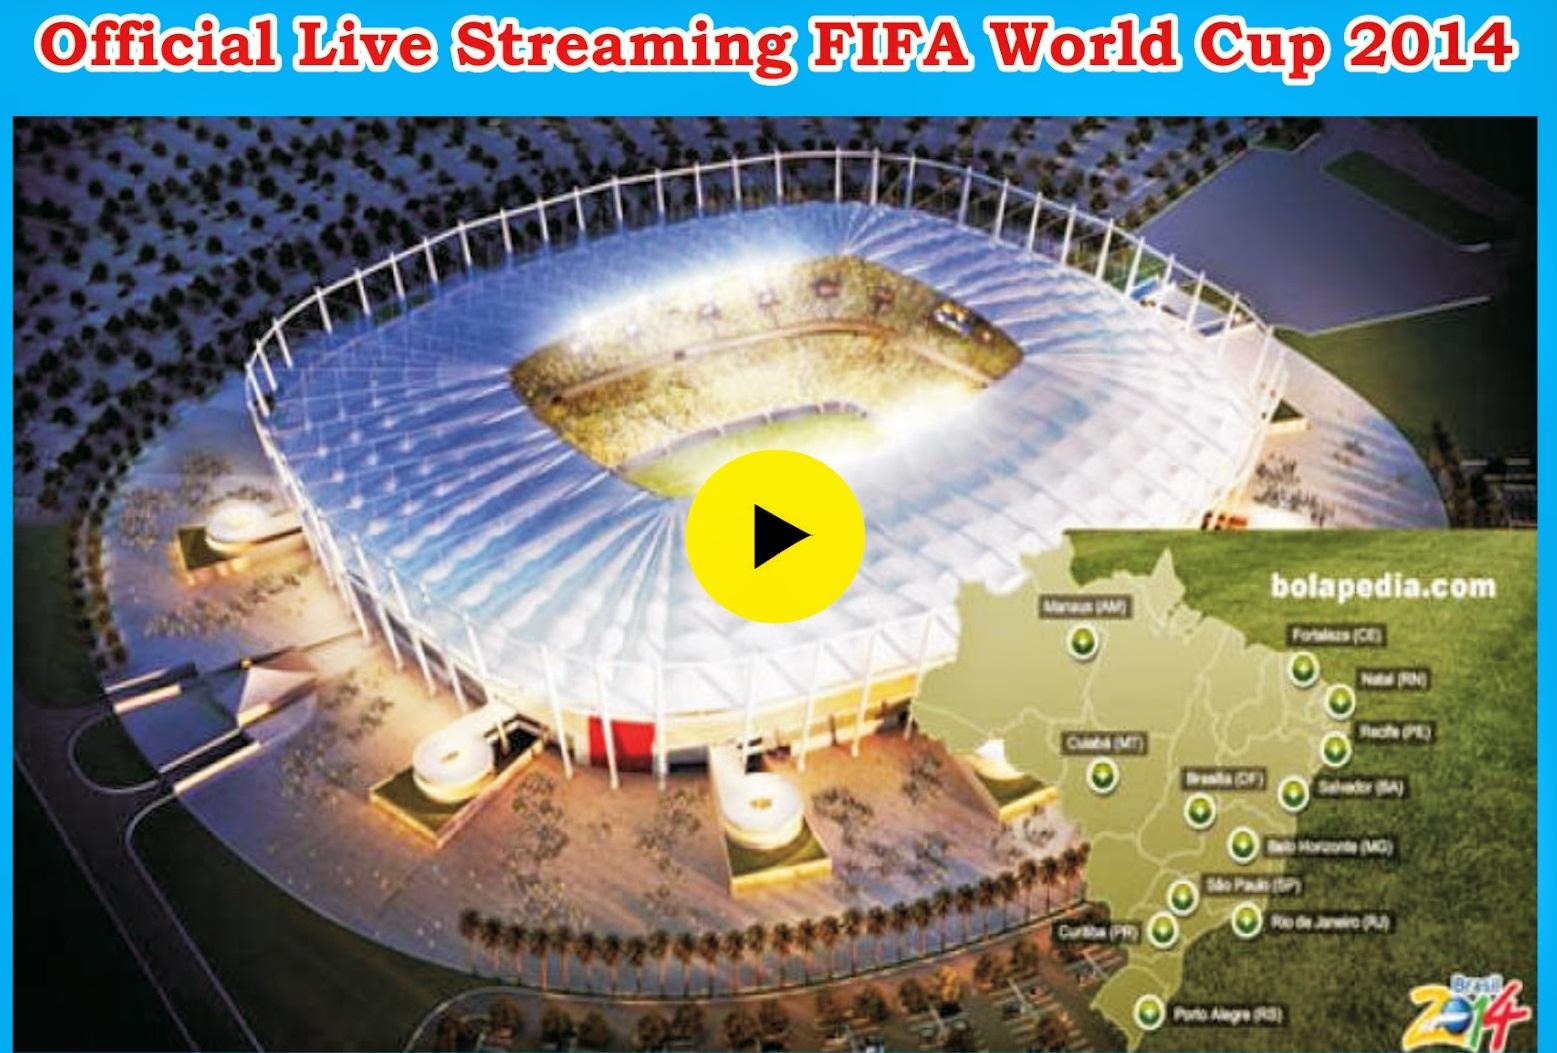 Nonton Piala Dunia Liga Champions HD Dari Android dan Laptop tanpa Software